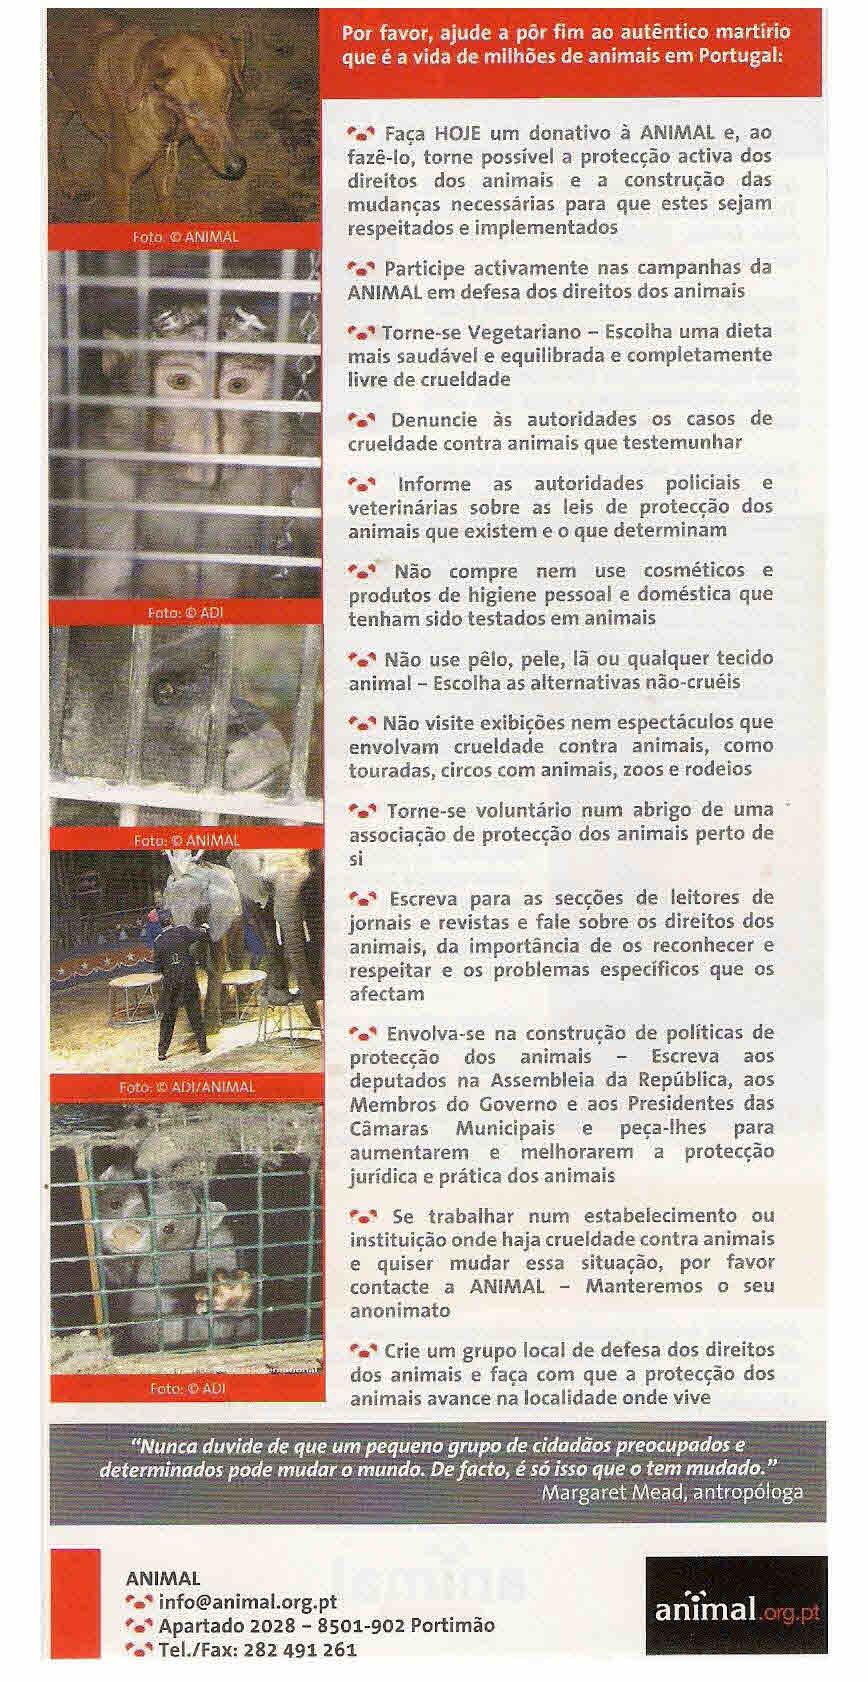 panfleto associação animal (2)